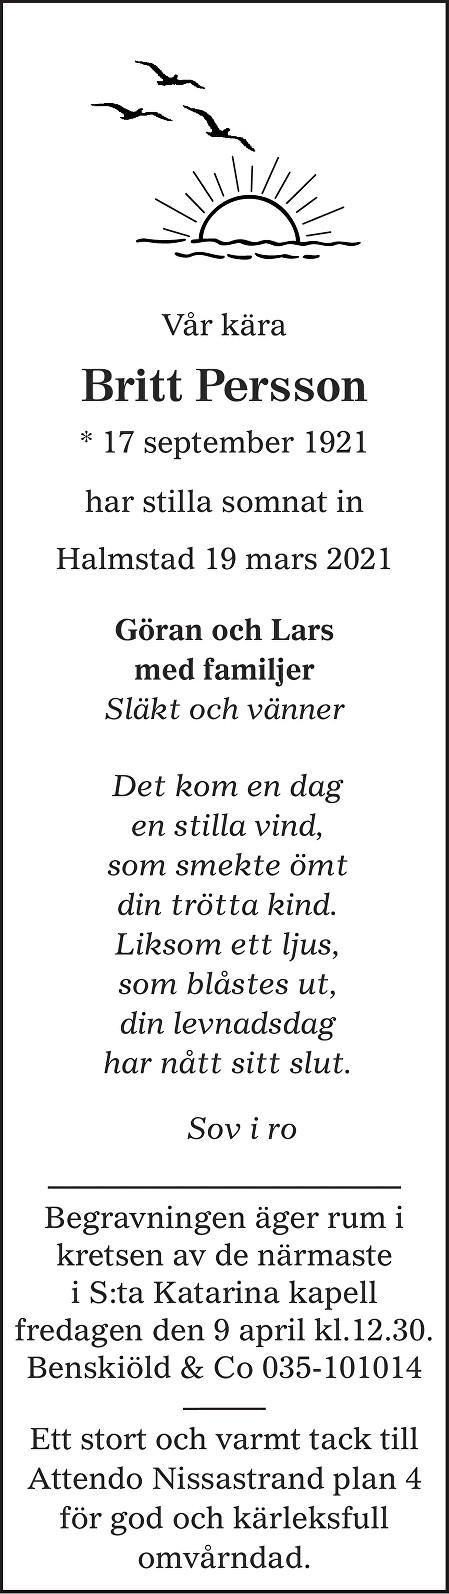 Britt Persson Death notice